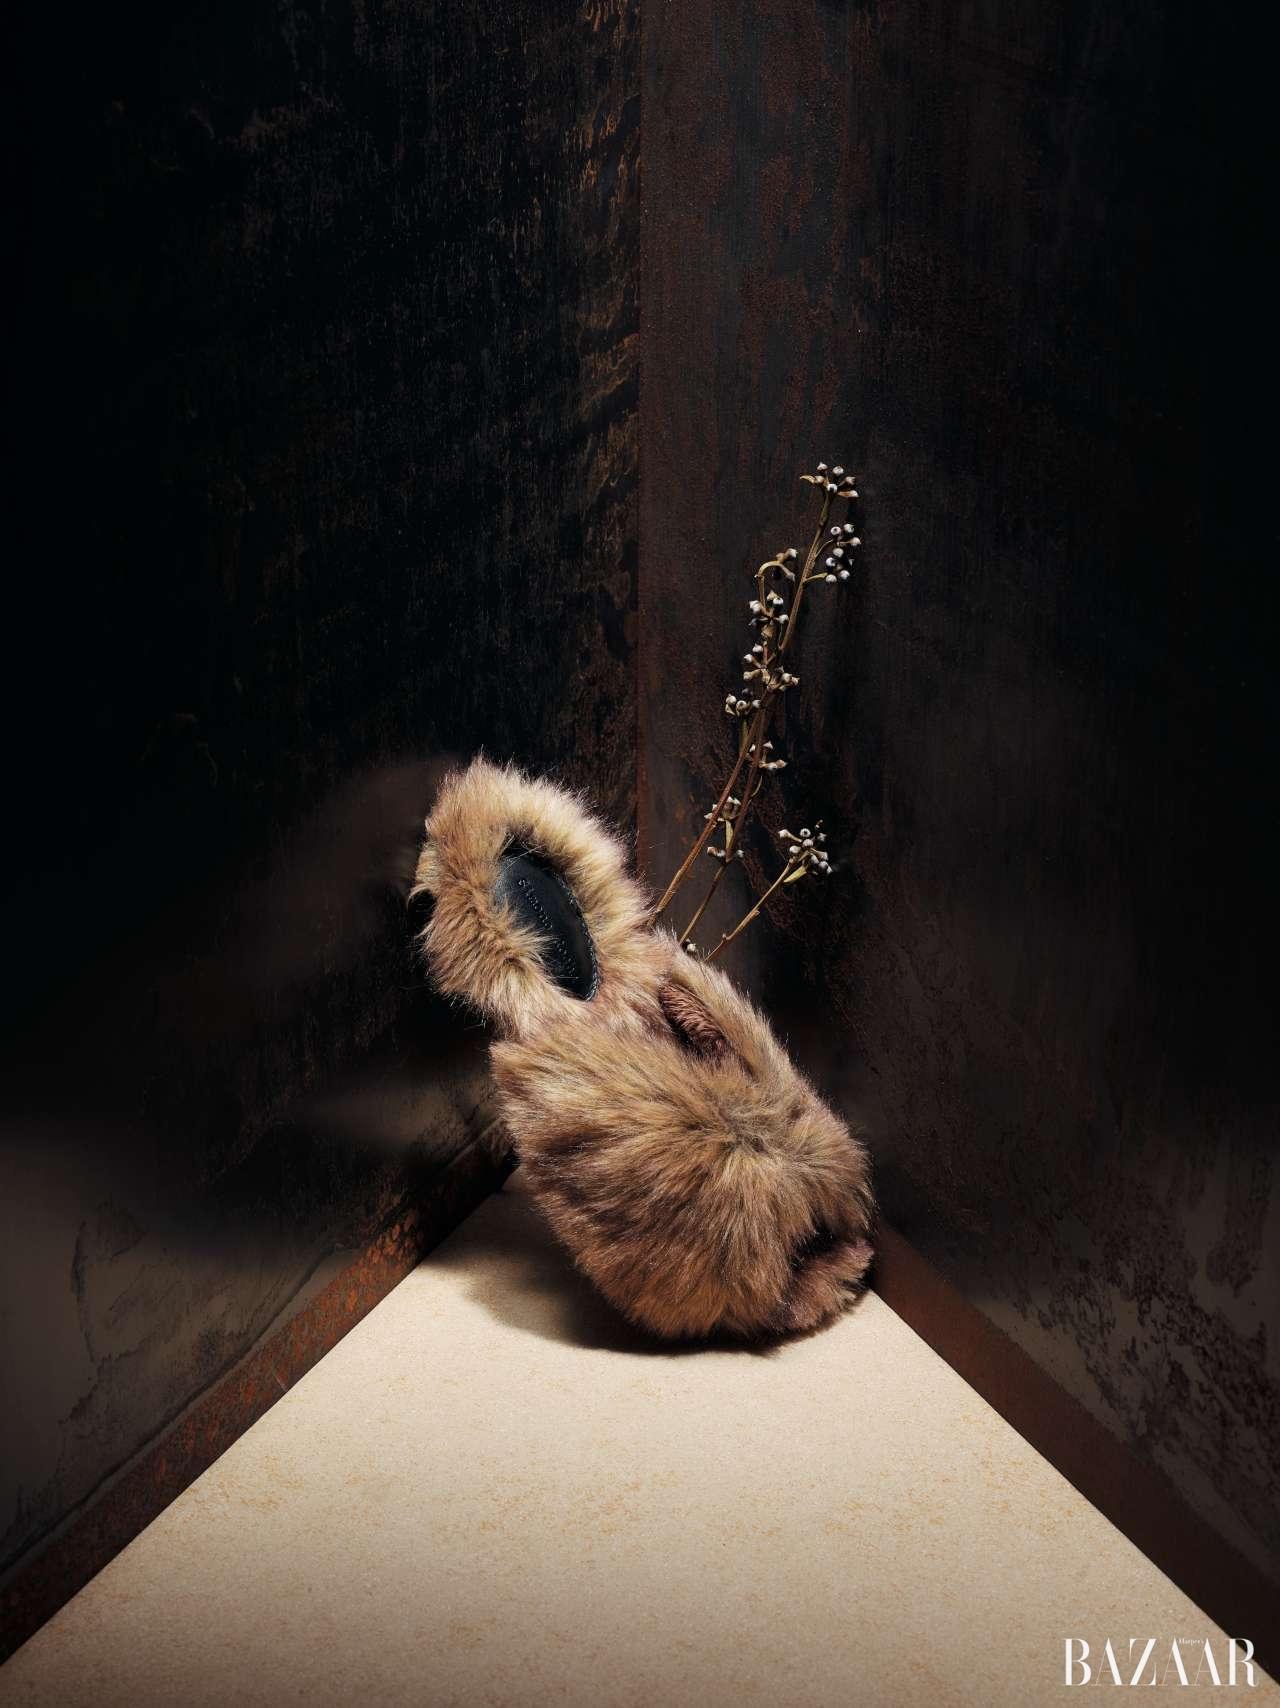 폭신하게 발을 감싸는 디자인의 에코 퍼 슬라이드는 58만원대로 Simone Rocha by Net-A-Porter 제품